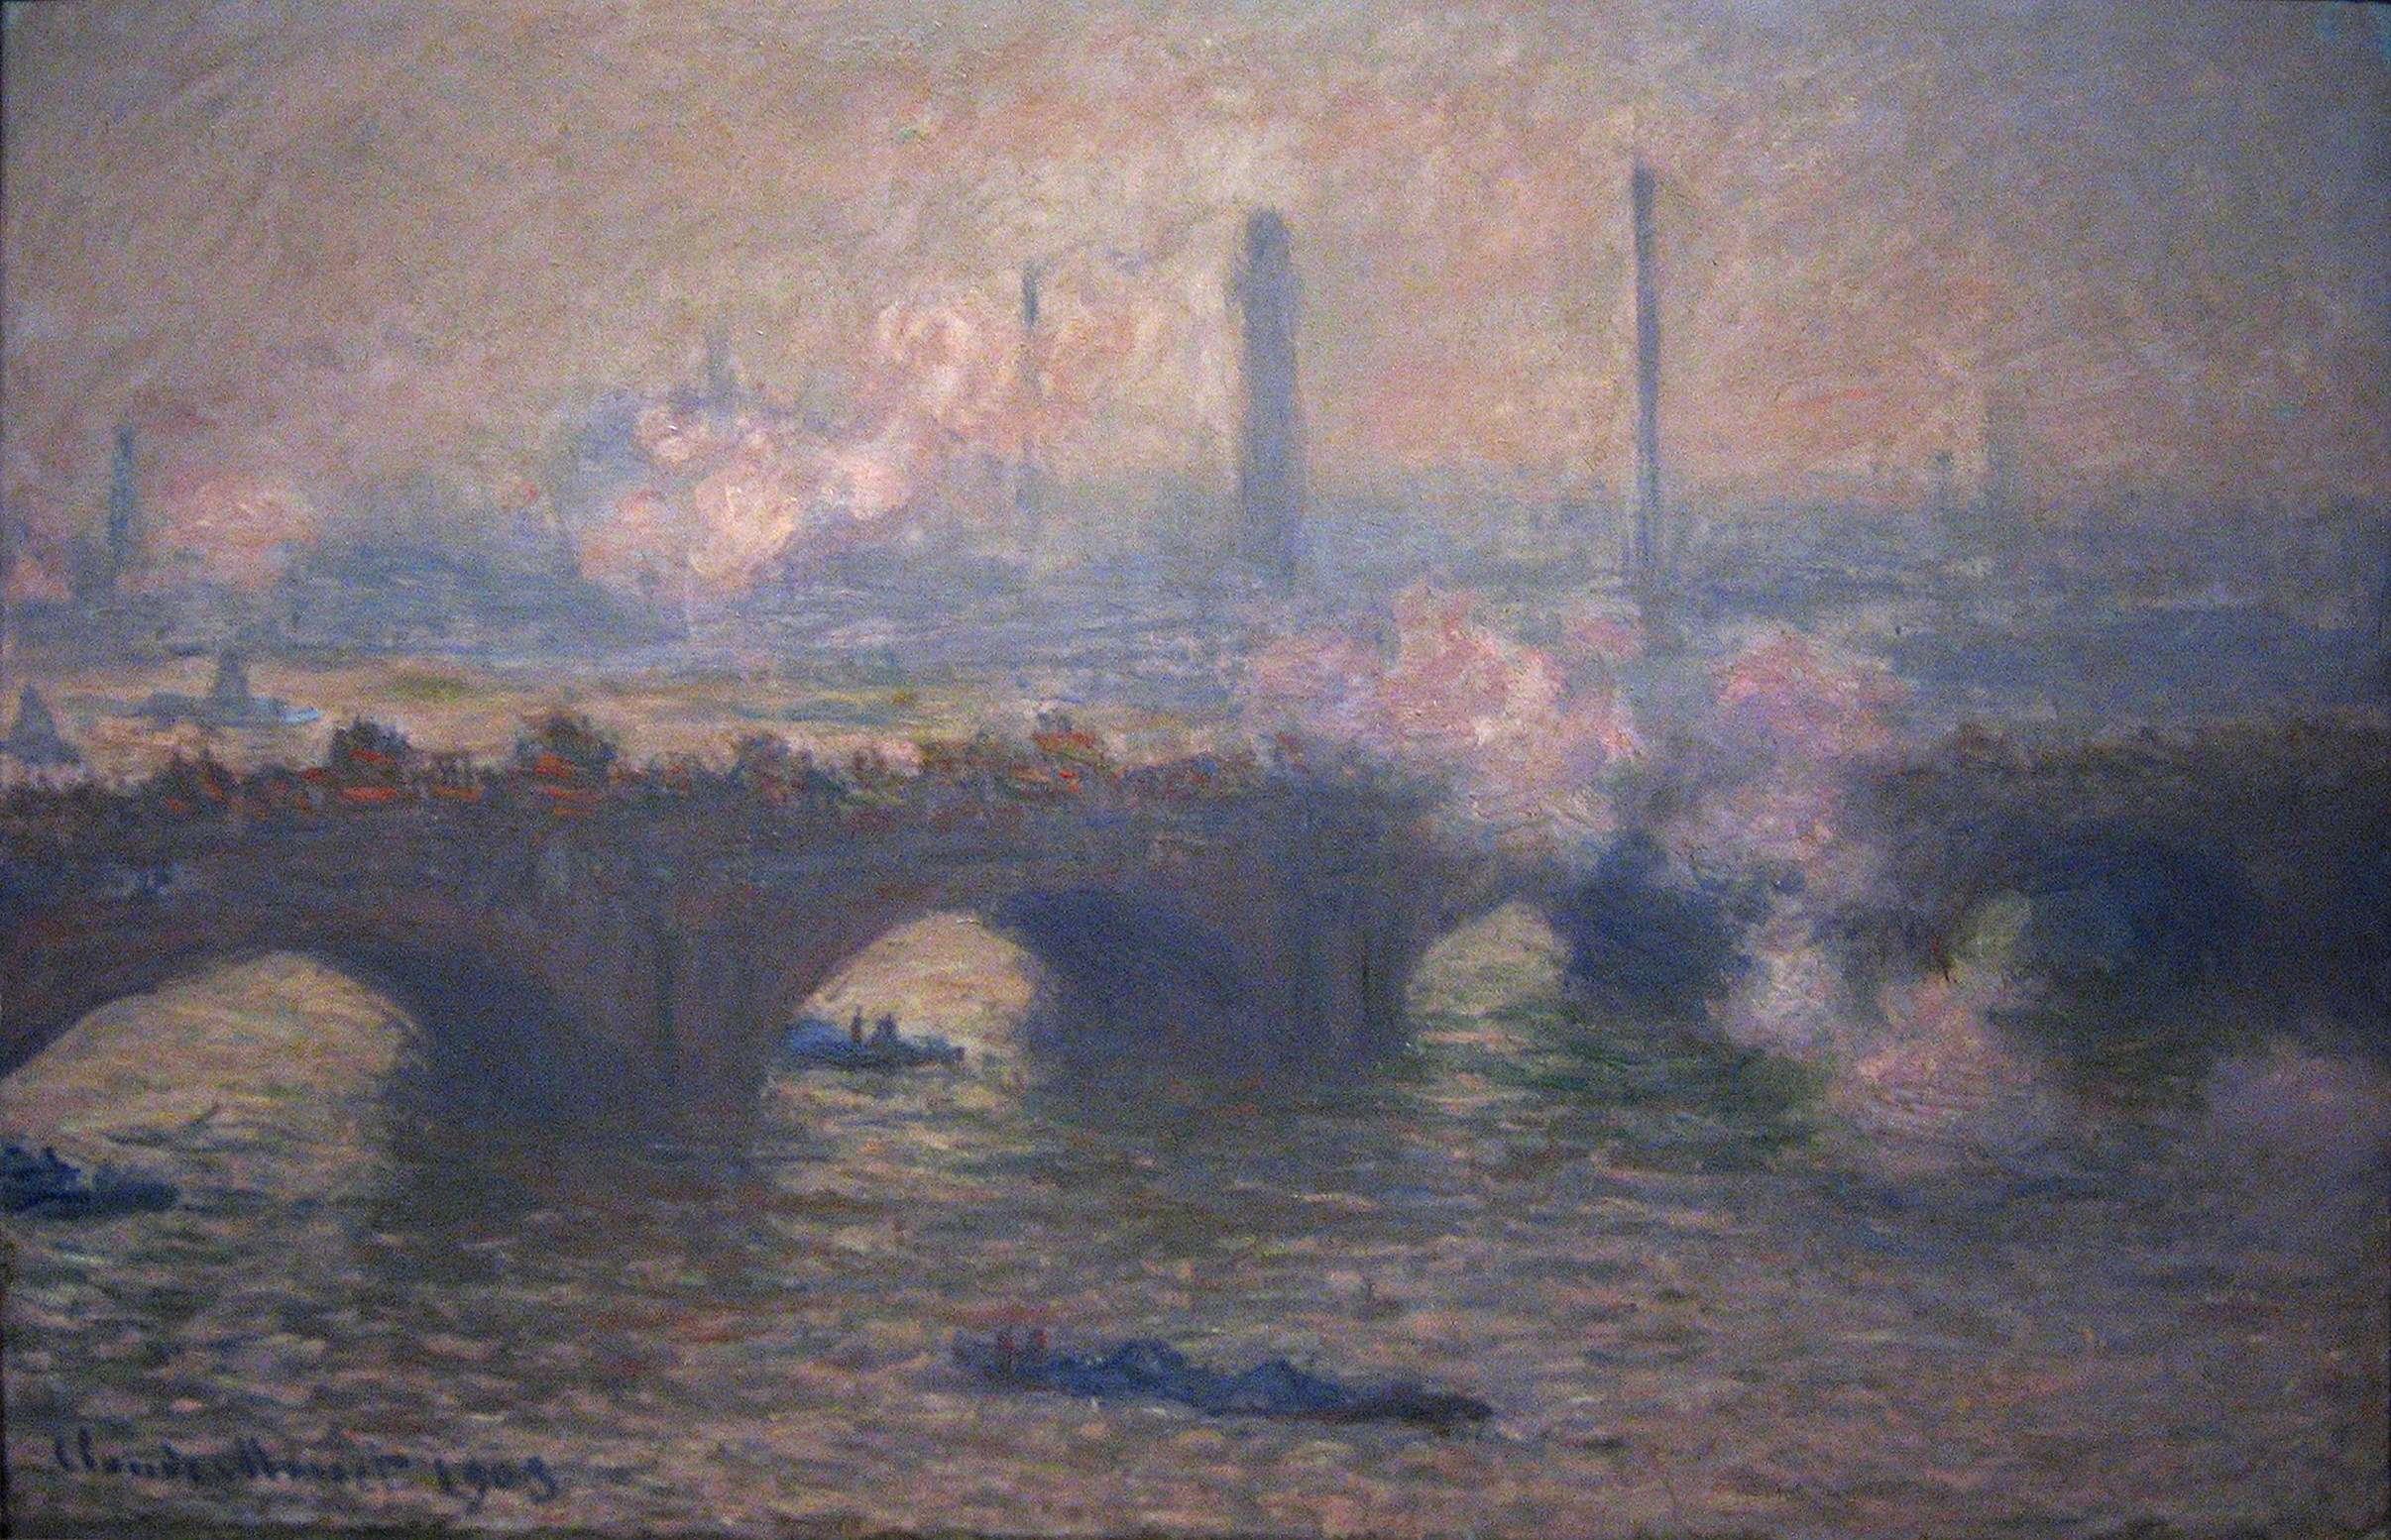 Κλοντ Μονέ. Η Γέφυρα του Βατερλώ, γκρίζα μέρα, 1903, Ουάσινγκτον, National Gallery of Art.